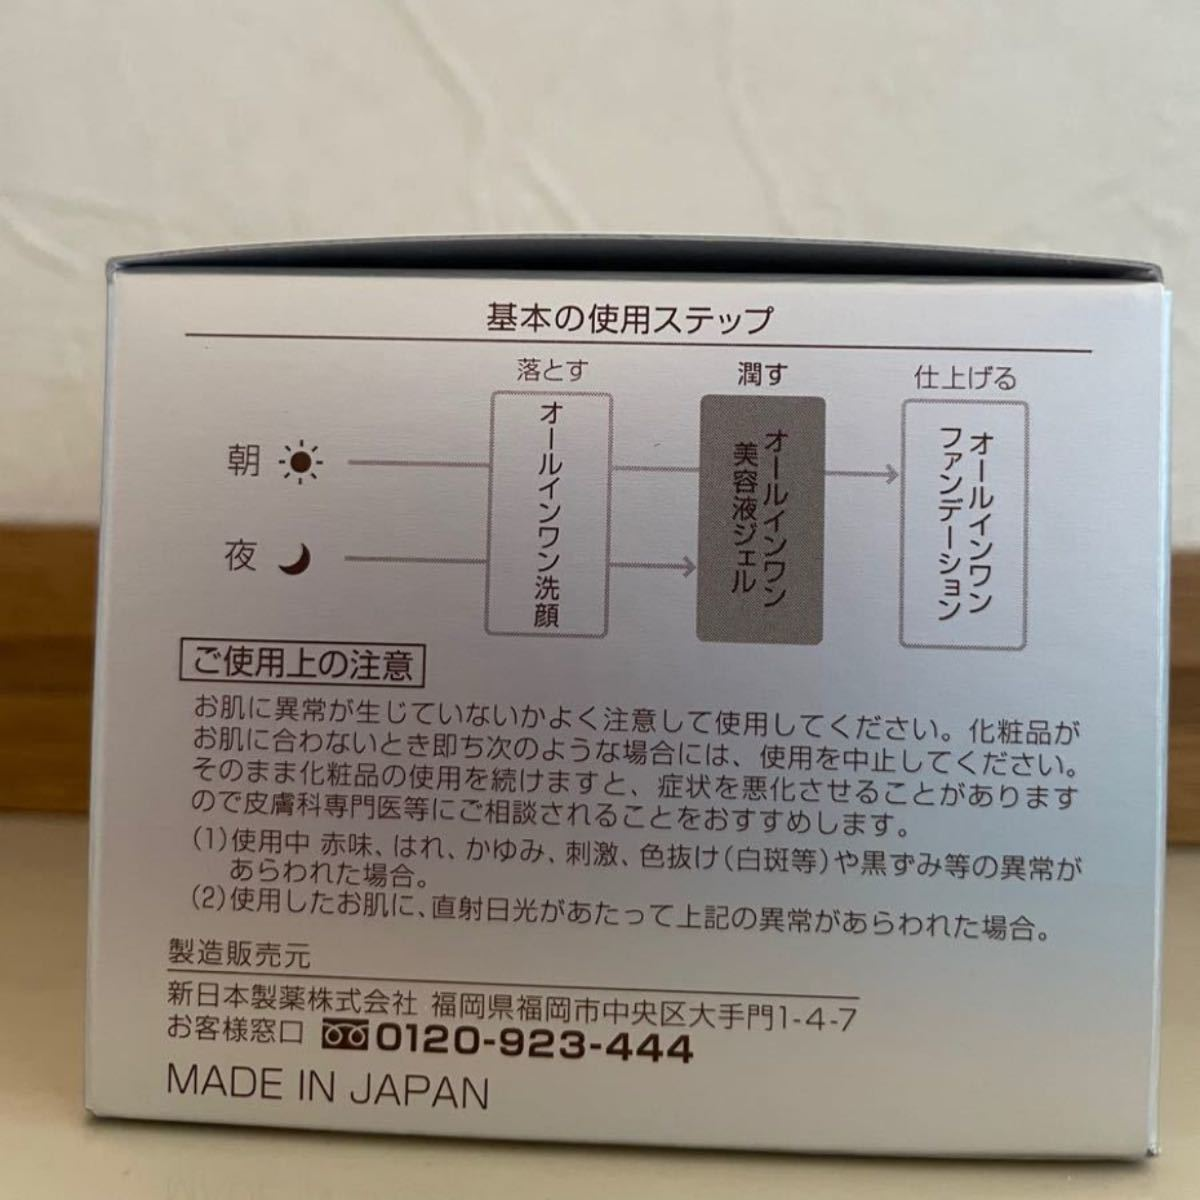 パーフェクトワン 薬用ホワイトニングジェル★おまけ付き!